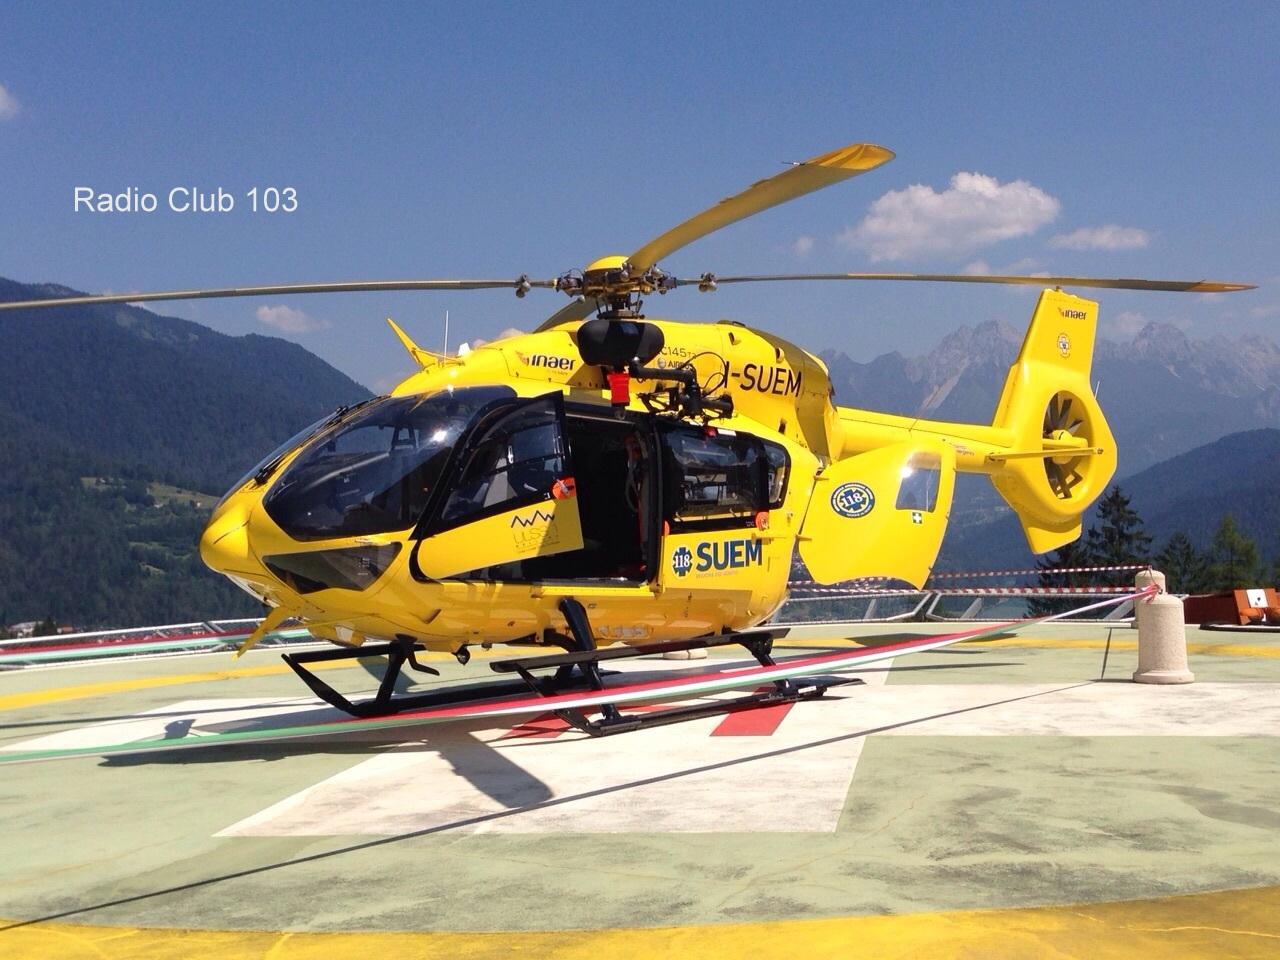 Elicottero Privato : A misurina con l elicottero privato anziano muore colto